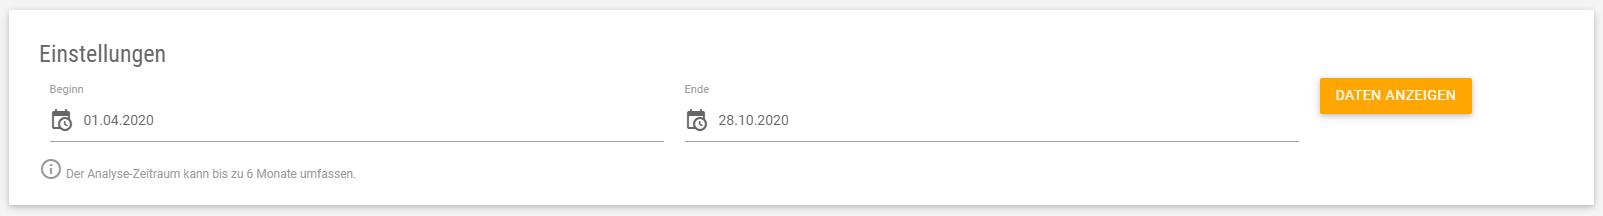 Eingabemaske für den Zeitraum, in dem Google Ads der Konkurrenz analysiert werden sollen.